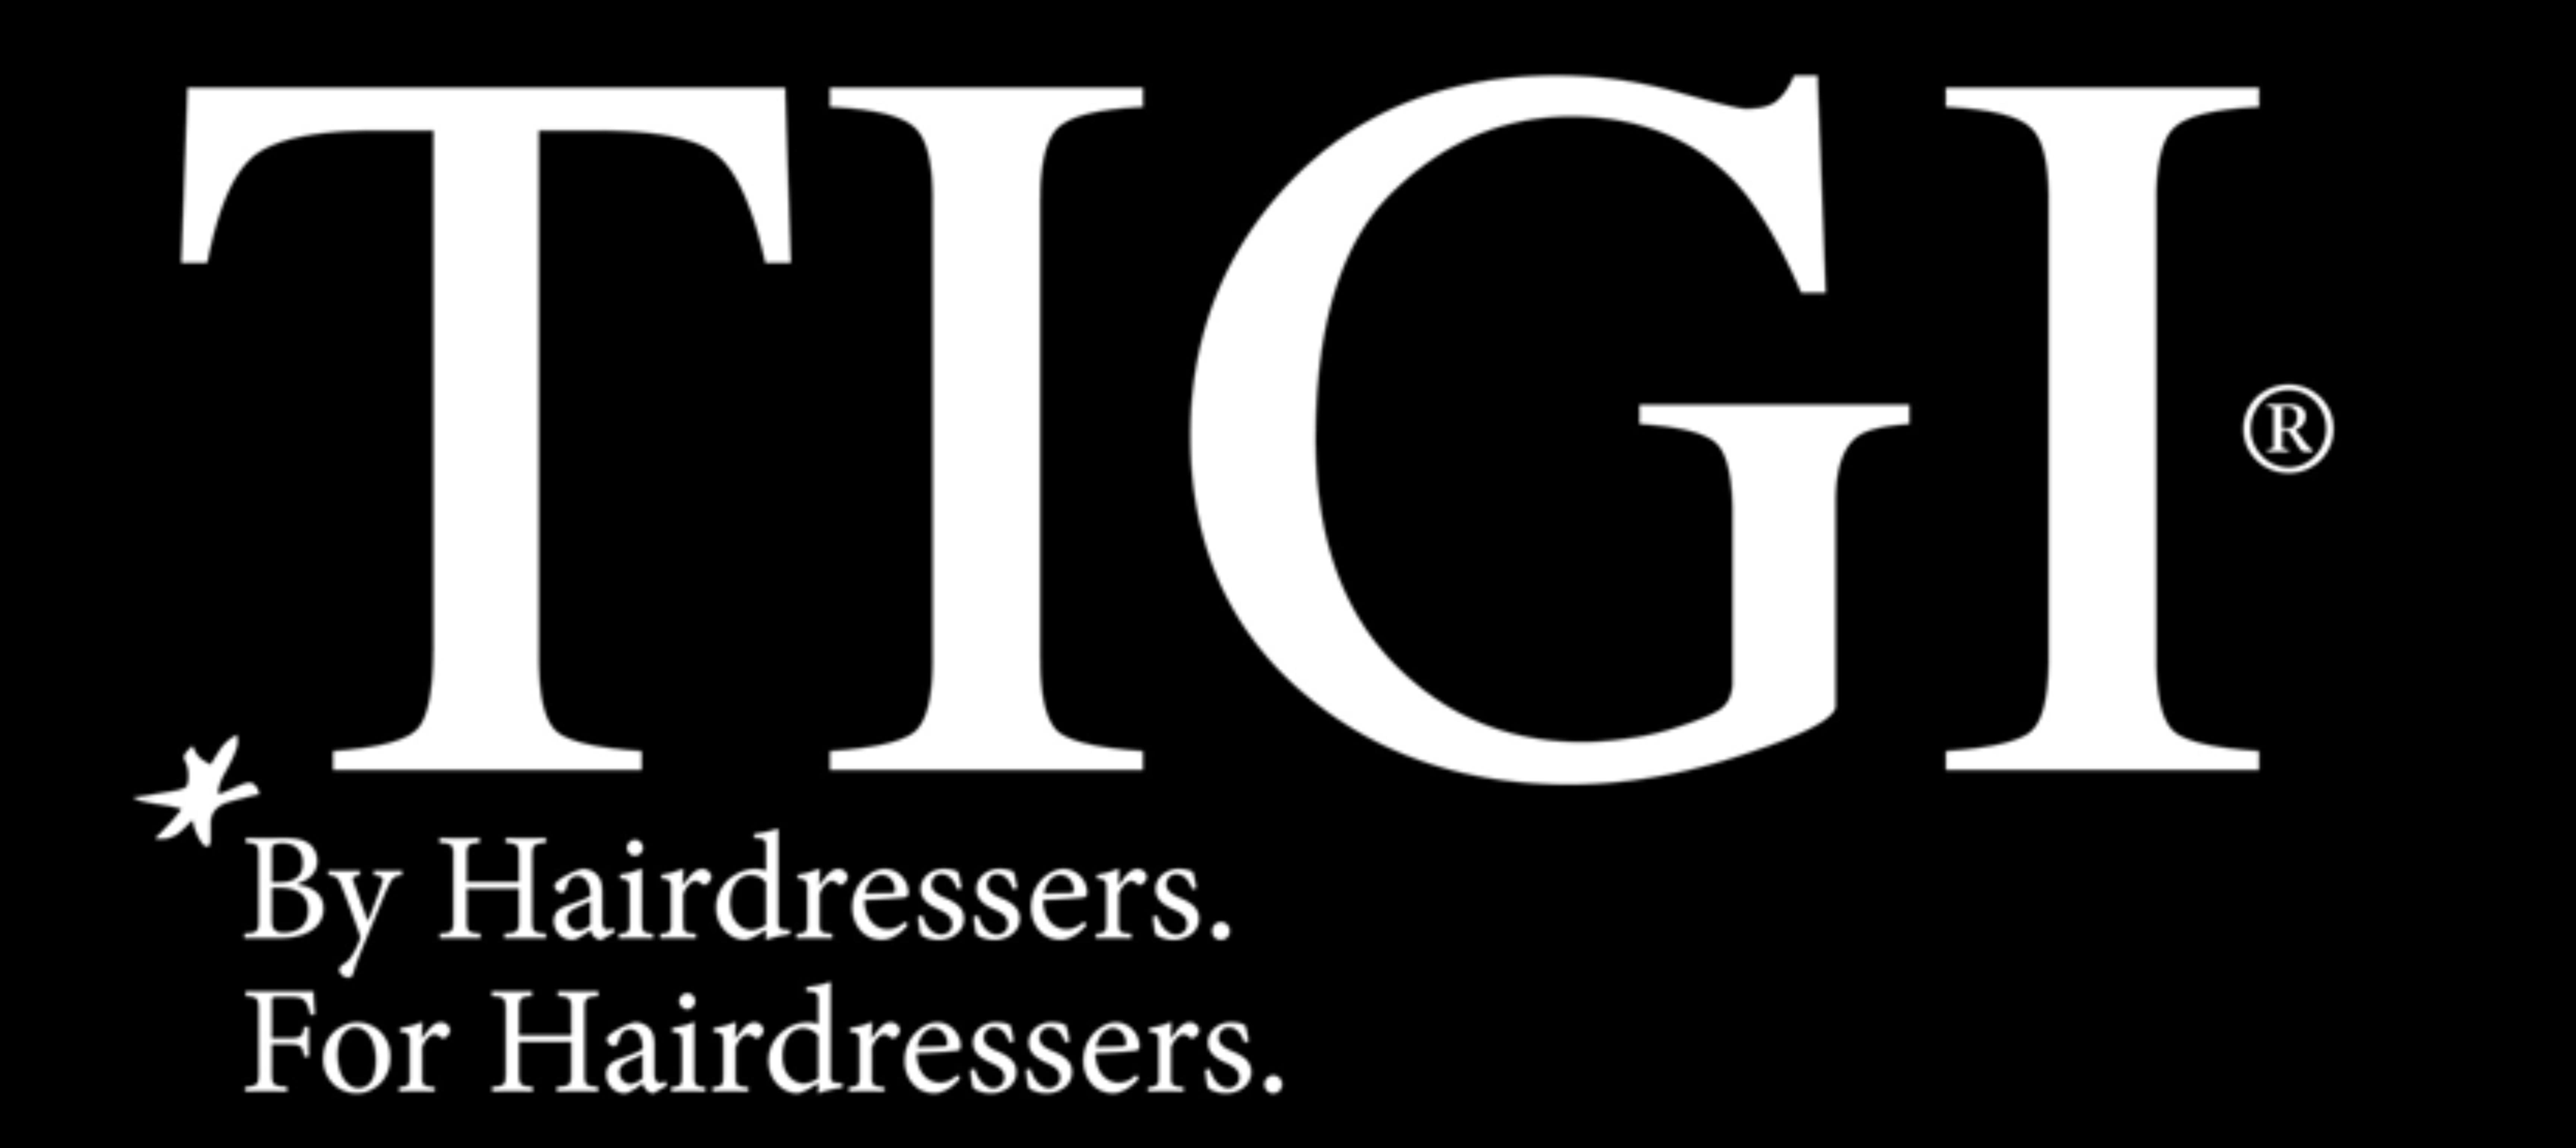 Von Friseuren. Für Friseure. Diese Aussage steht für TIGIs Engagement für Friseure. Der Friseur steht bei TIGI im Mittelpunkt.